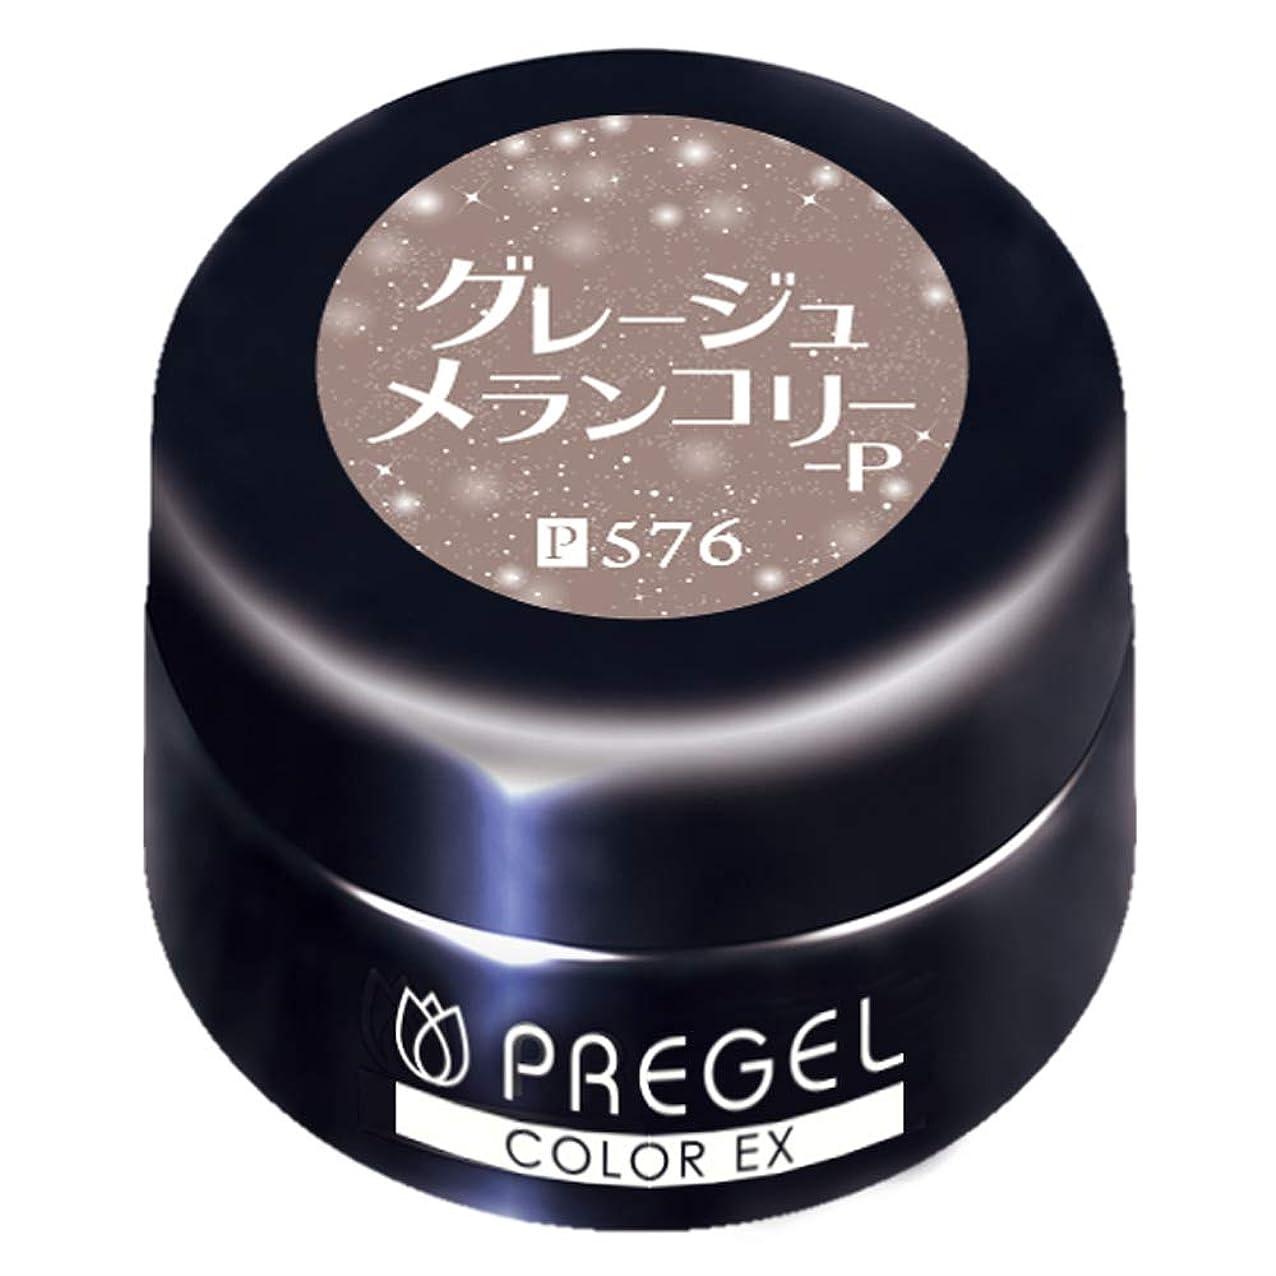 幾分アジャ運命的なPRE GEL カラージェル カラーEX グレージュメランコリー-P 3g PG-CE576 UV/LED対応